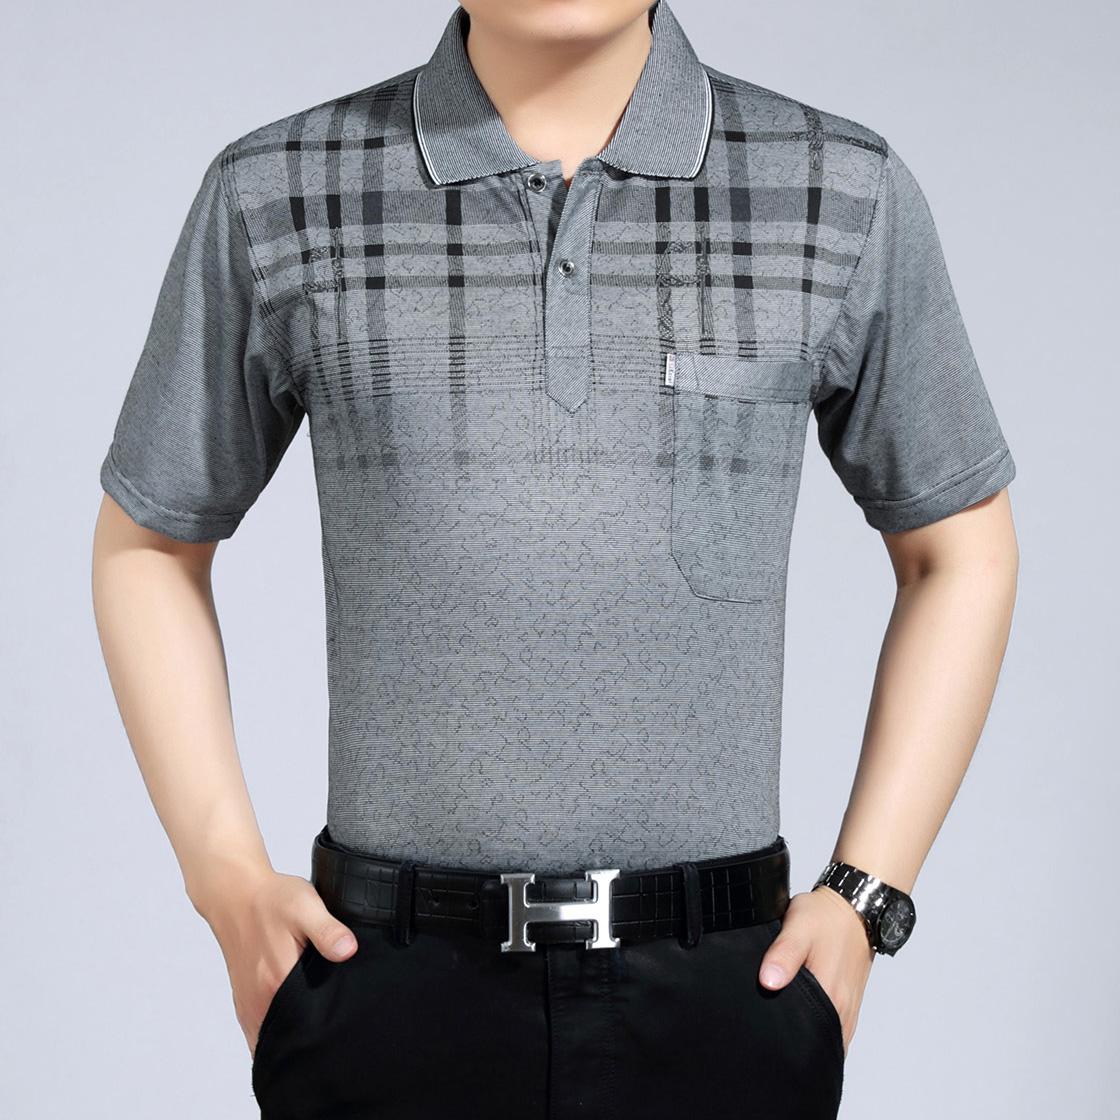 爆款短袖 中老年男装薄款翻领上衣 老人夏装T恤衫 中年汗衫半袖衫